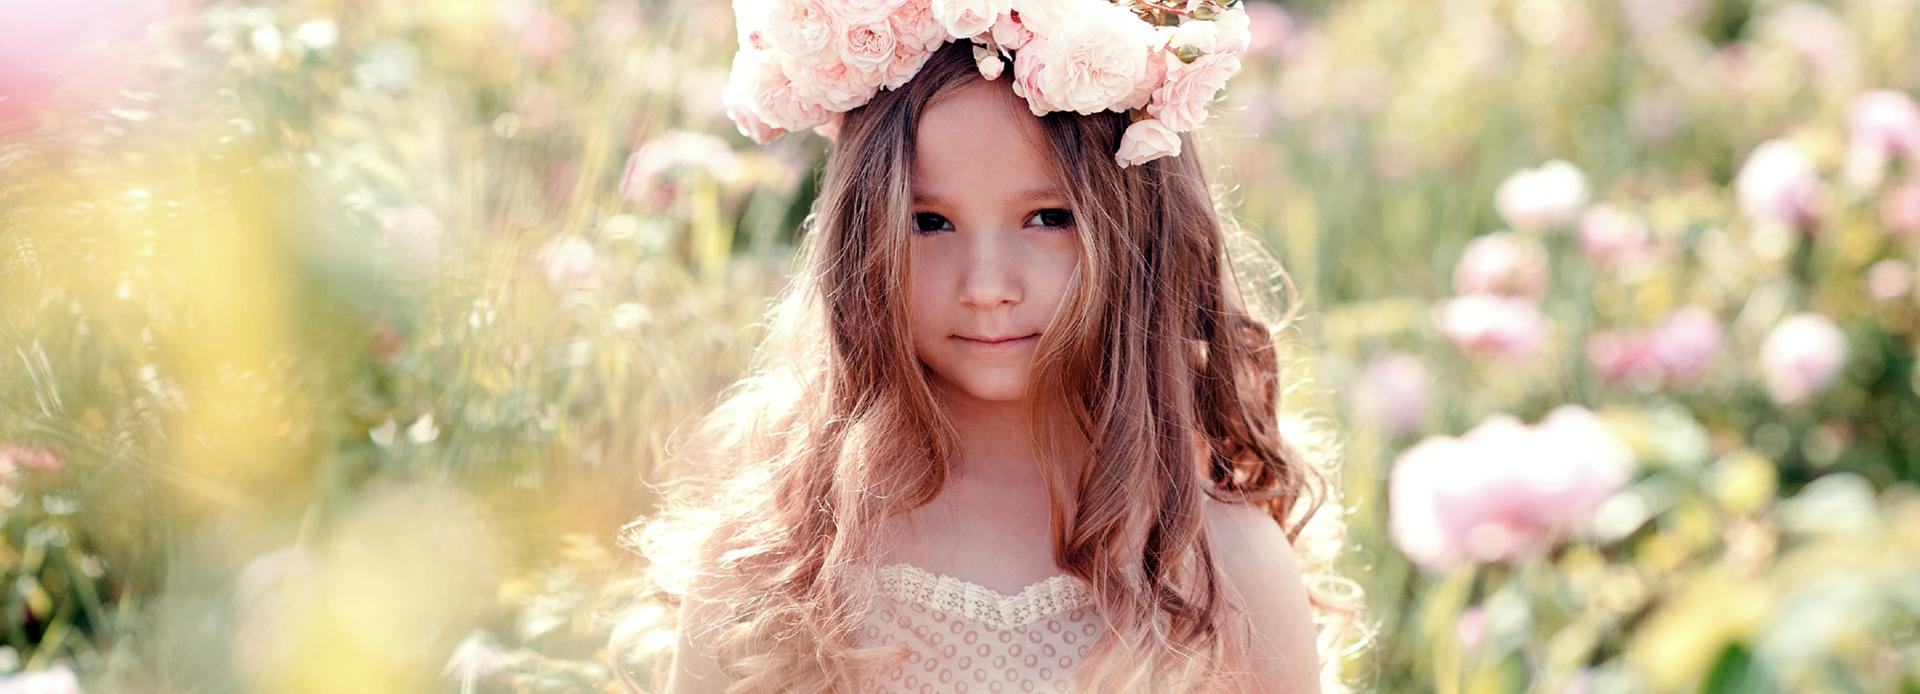 jente med blomsterkrans